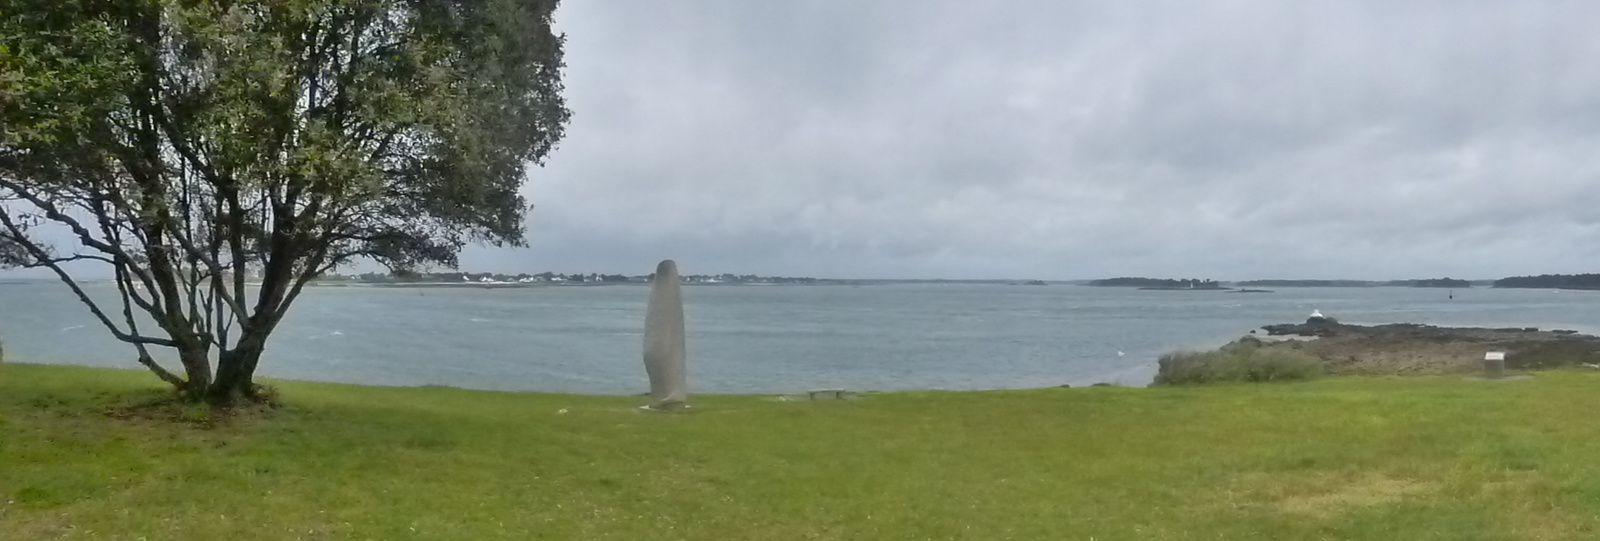 Borne N° 1 - la Vierge de Bilgroix- étroitesse du chemin (voir explications)